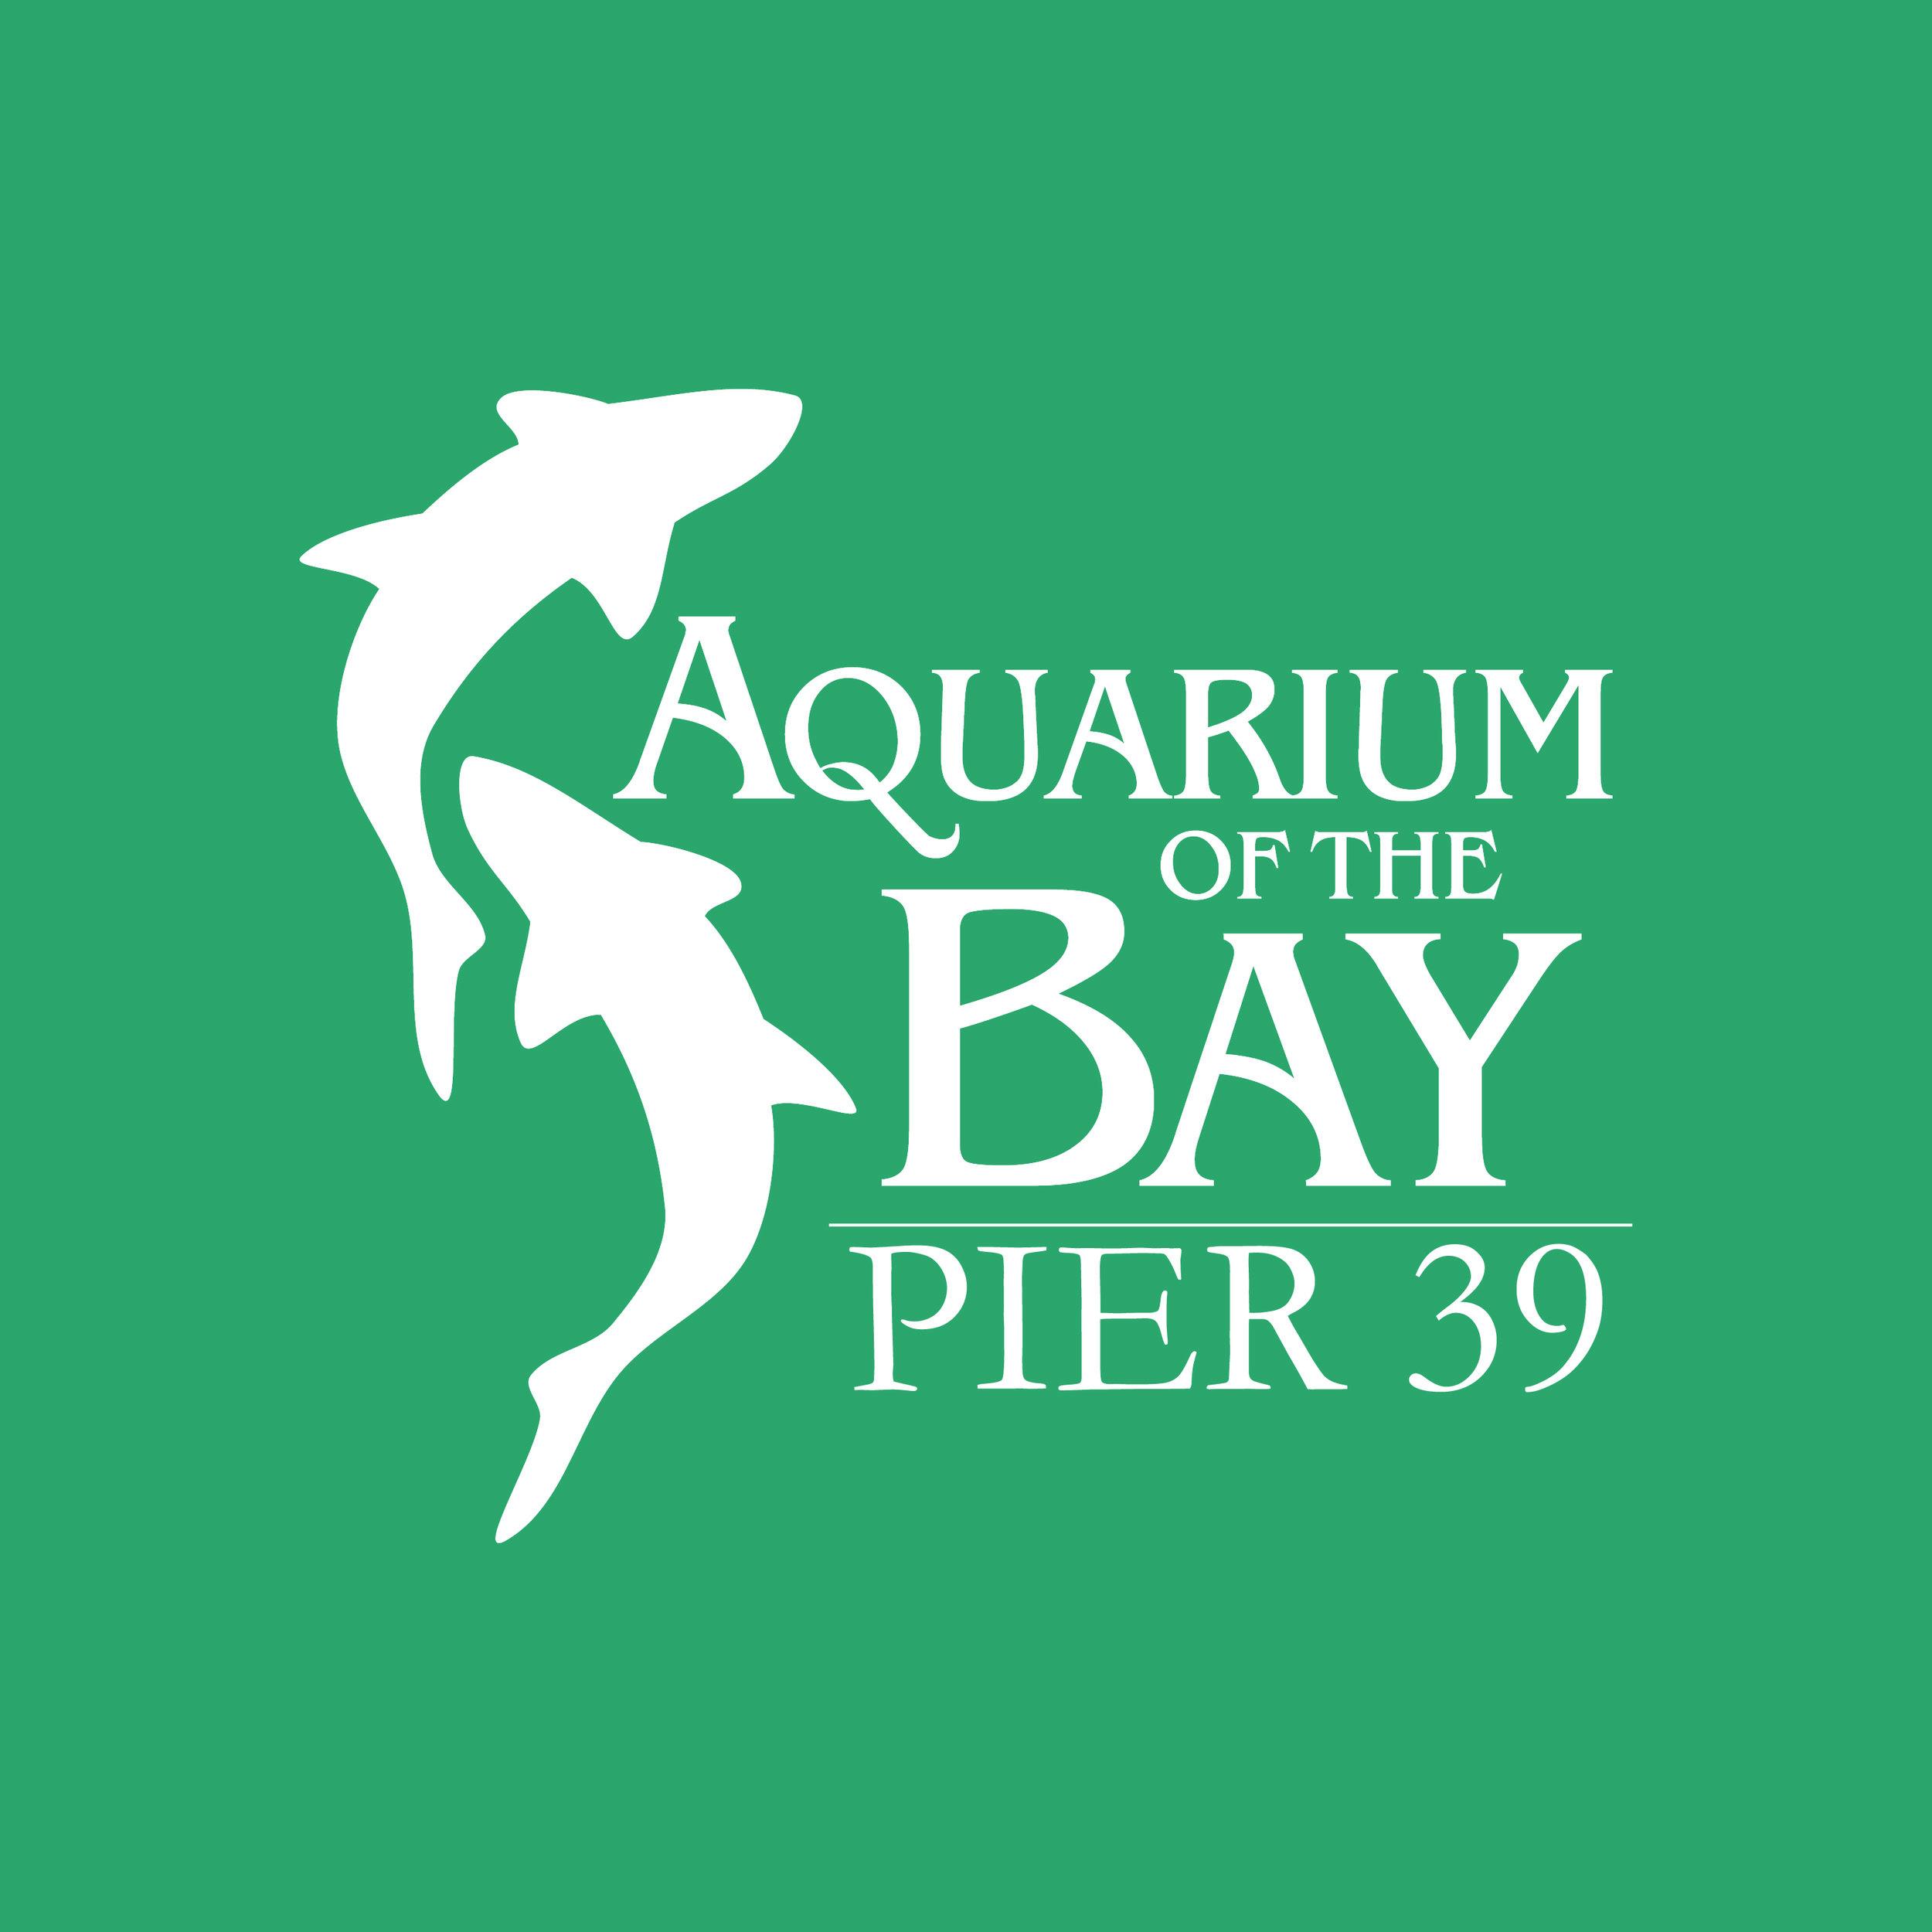 AOTB-Pier39-Socials.jpg